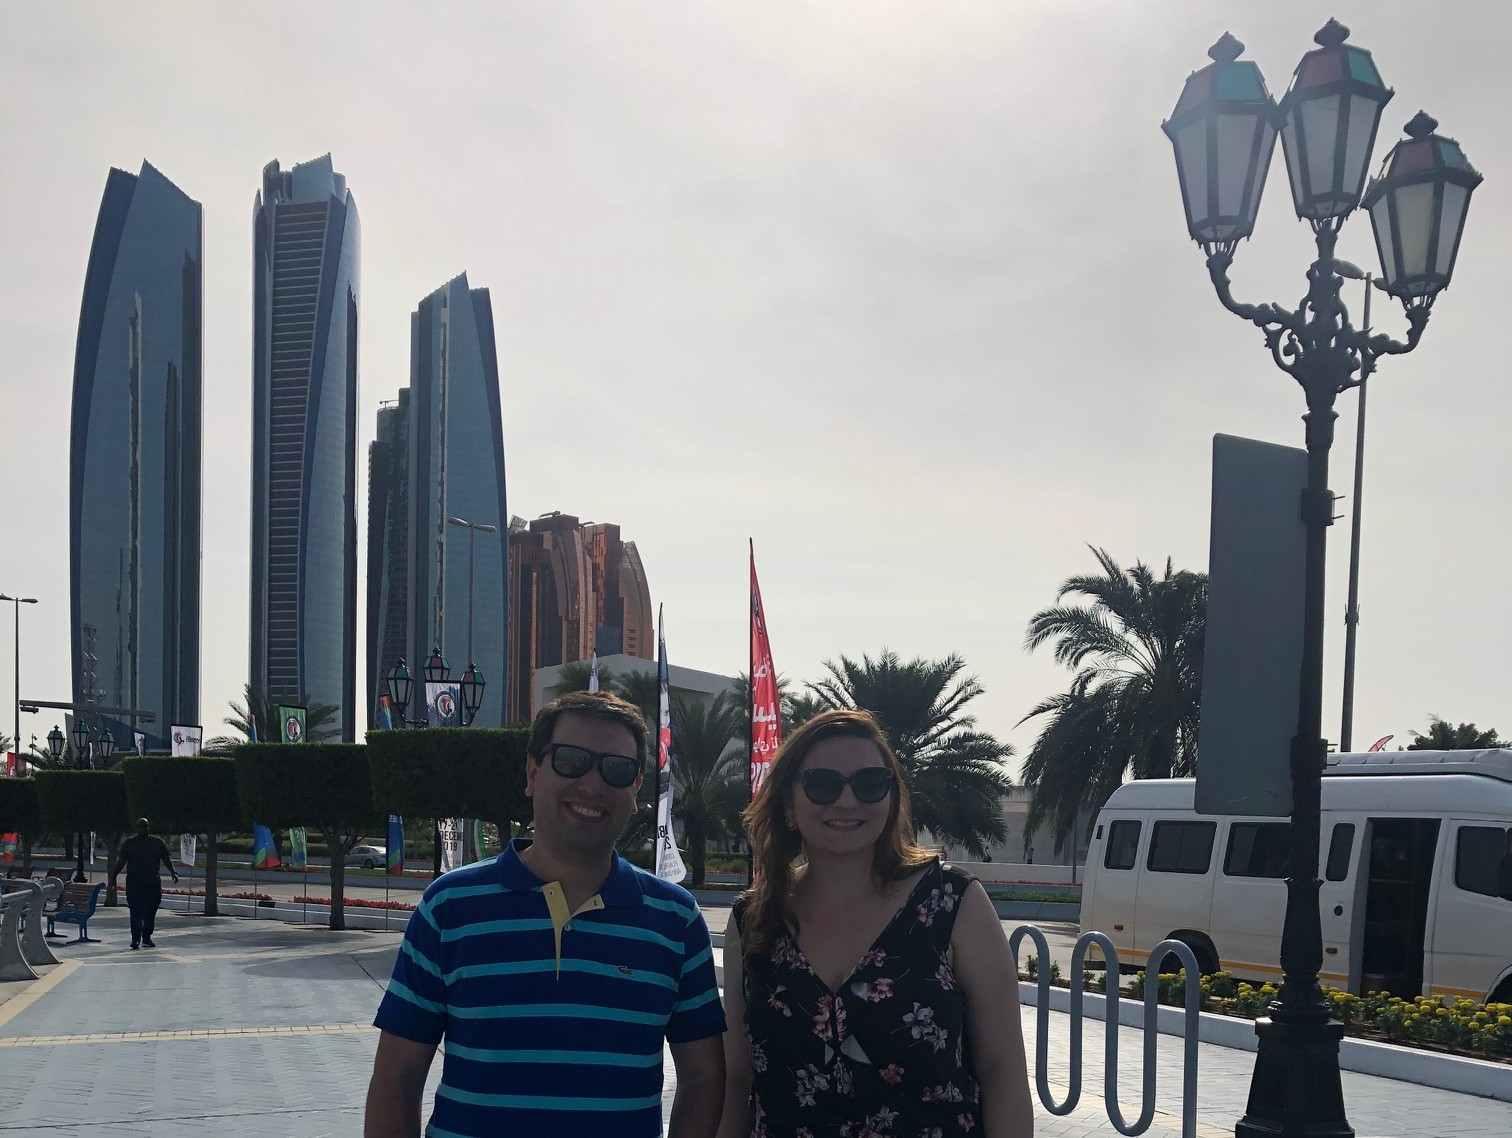 Turistas tiram foto com o Etihad Towers, em Abu Dhabi